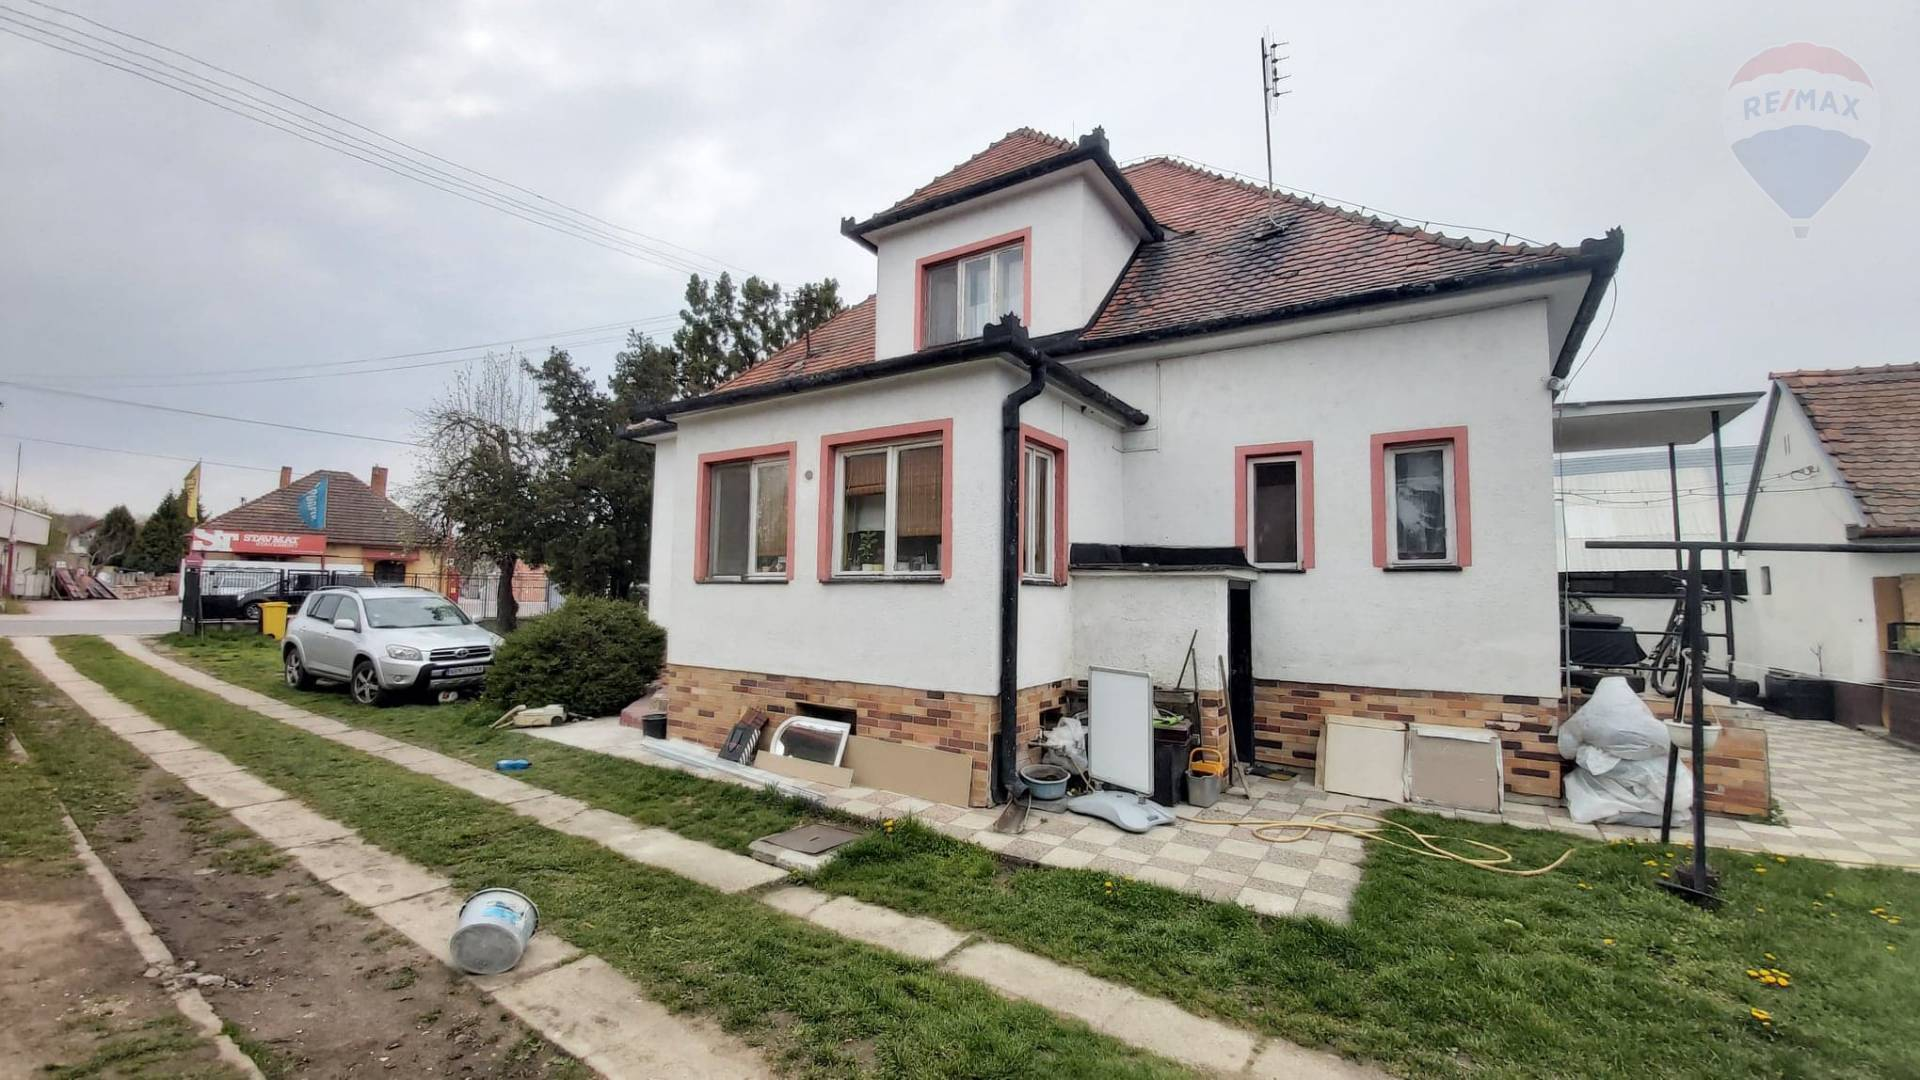 Predaj dom vhodný na podnikanie Nitra - Novozámocká ul. EXKLUZÍVNE